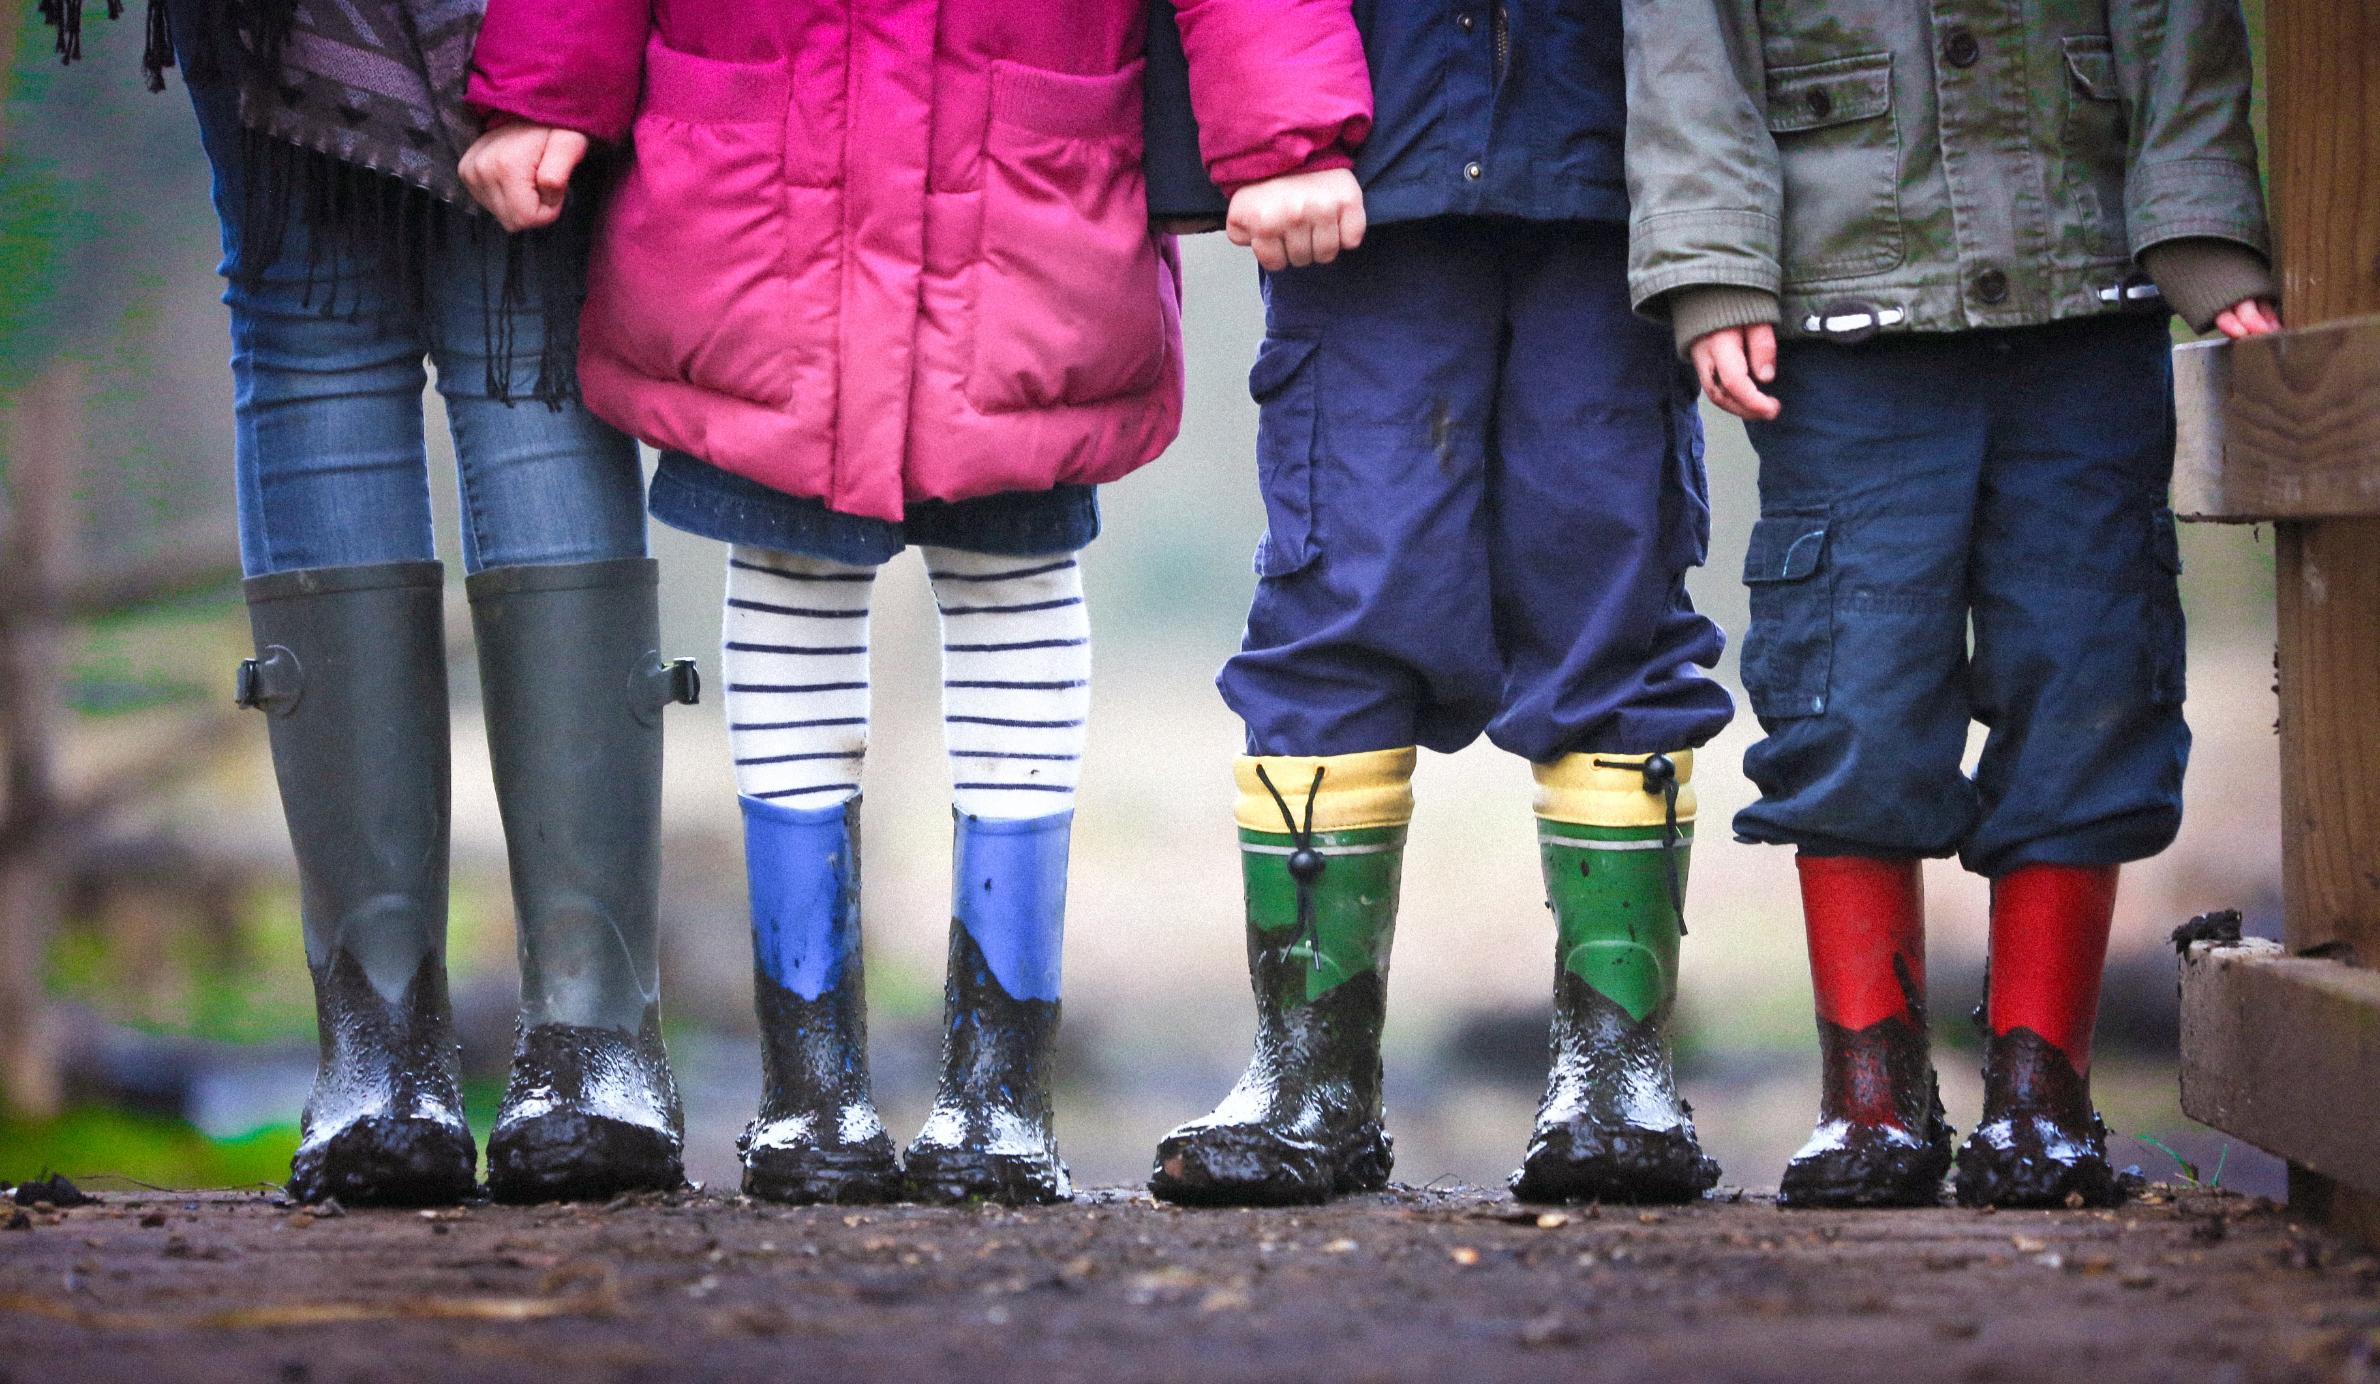 Four children in wellies stand in a row. Ben Wicks/Unsplash